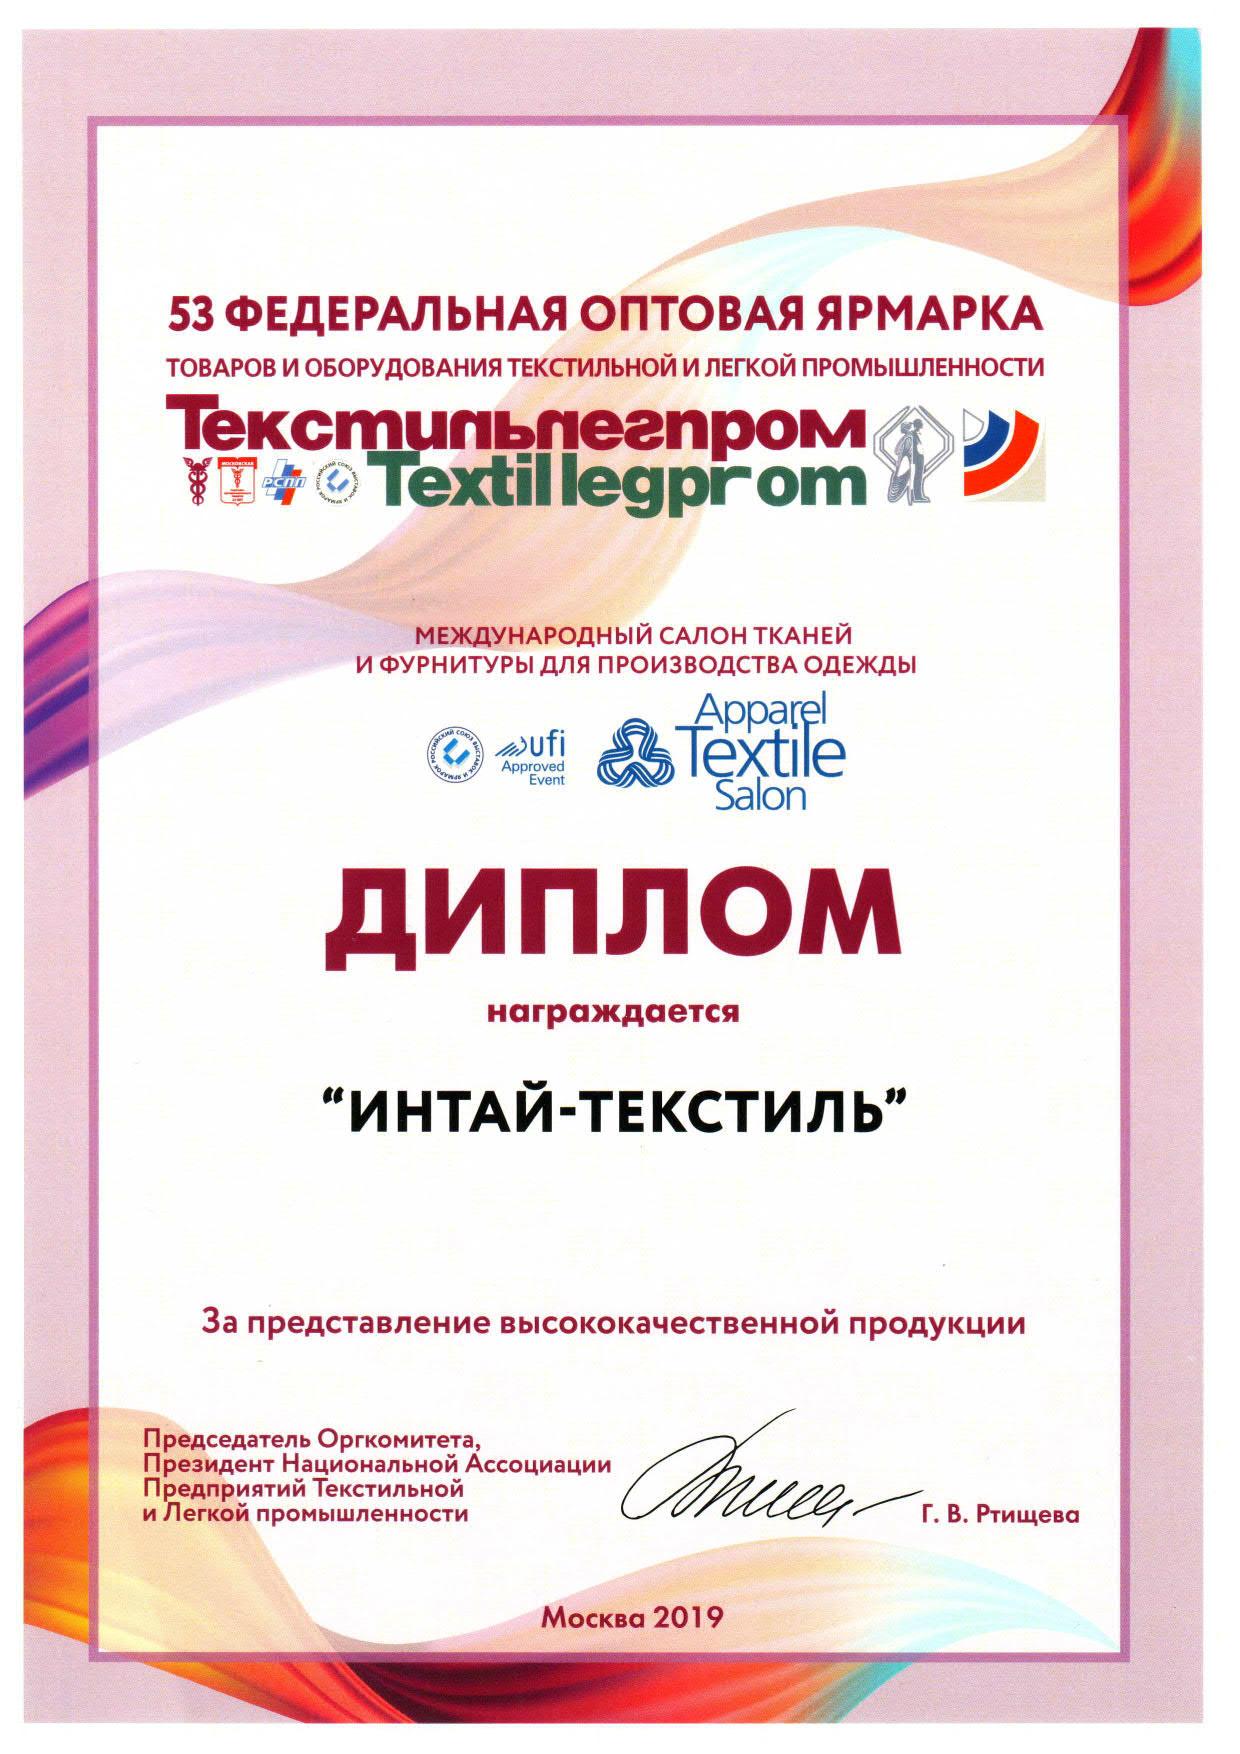 Ткстильлегпром